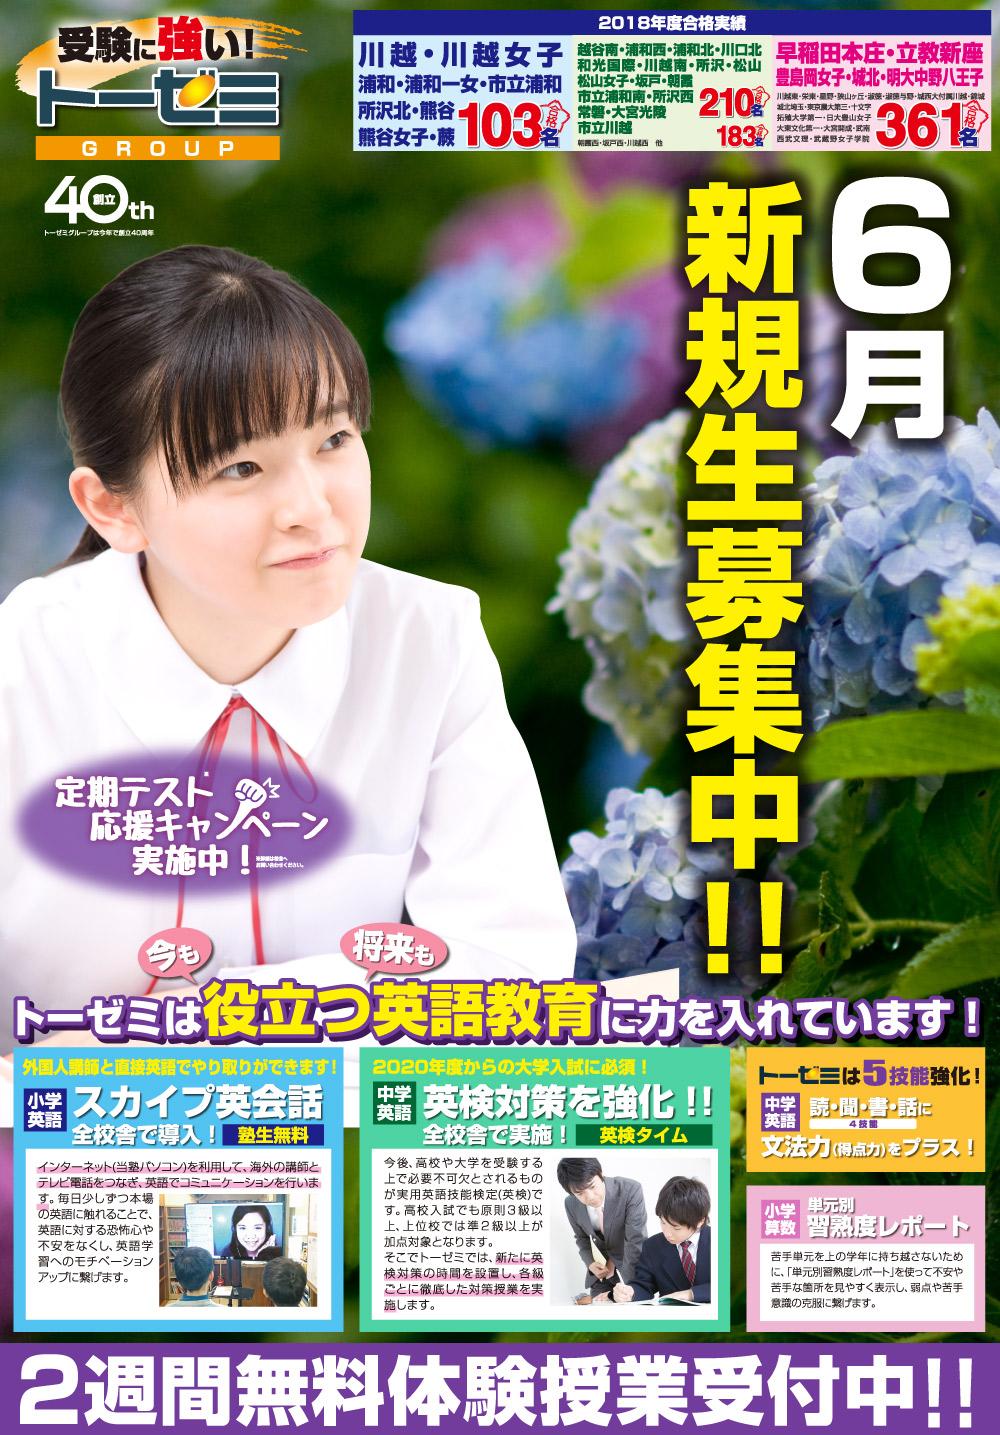 【受験に強い!トーゼミグループ】6月新規生募集中!